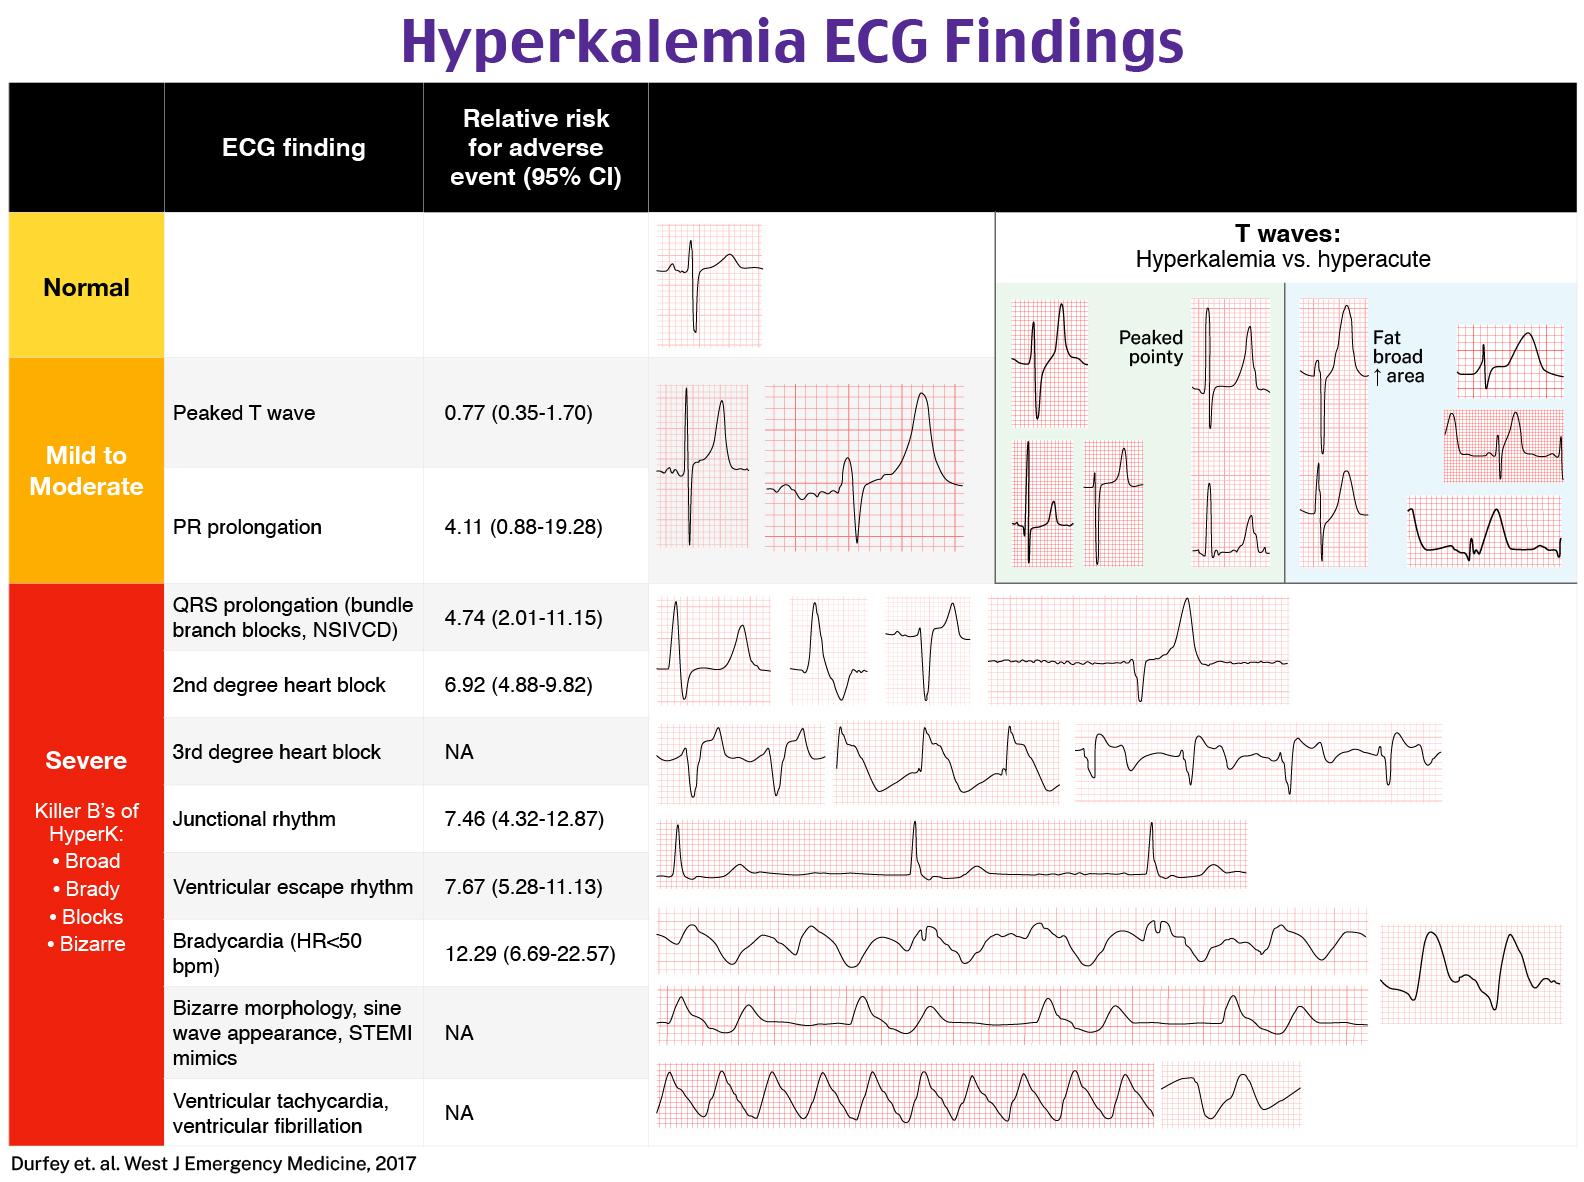 Hyperkalemia ECG findings